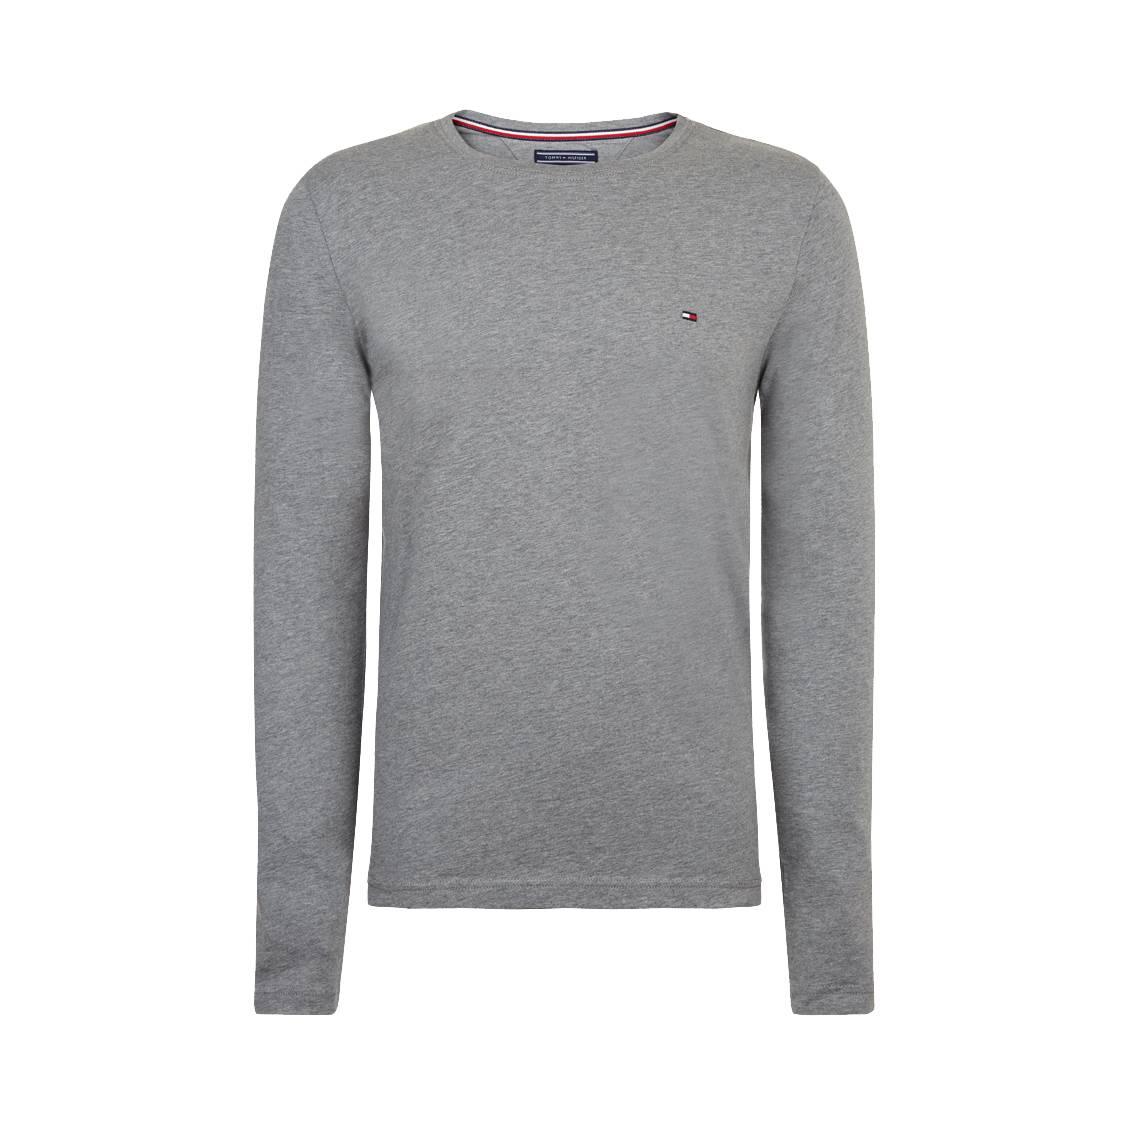 2510a6976437e Tee-shirt col rond manches longues Tommy Hilfiger Essential en xxx gris  chiné